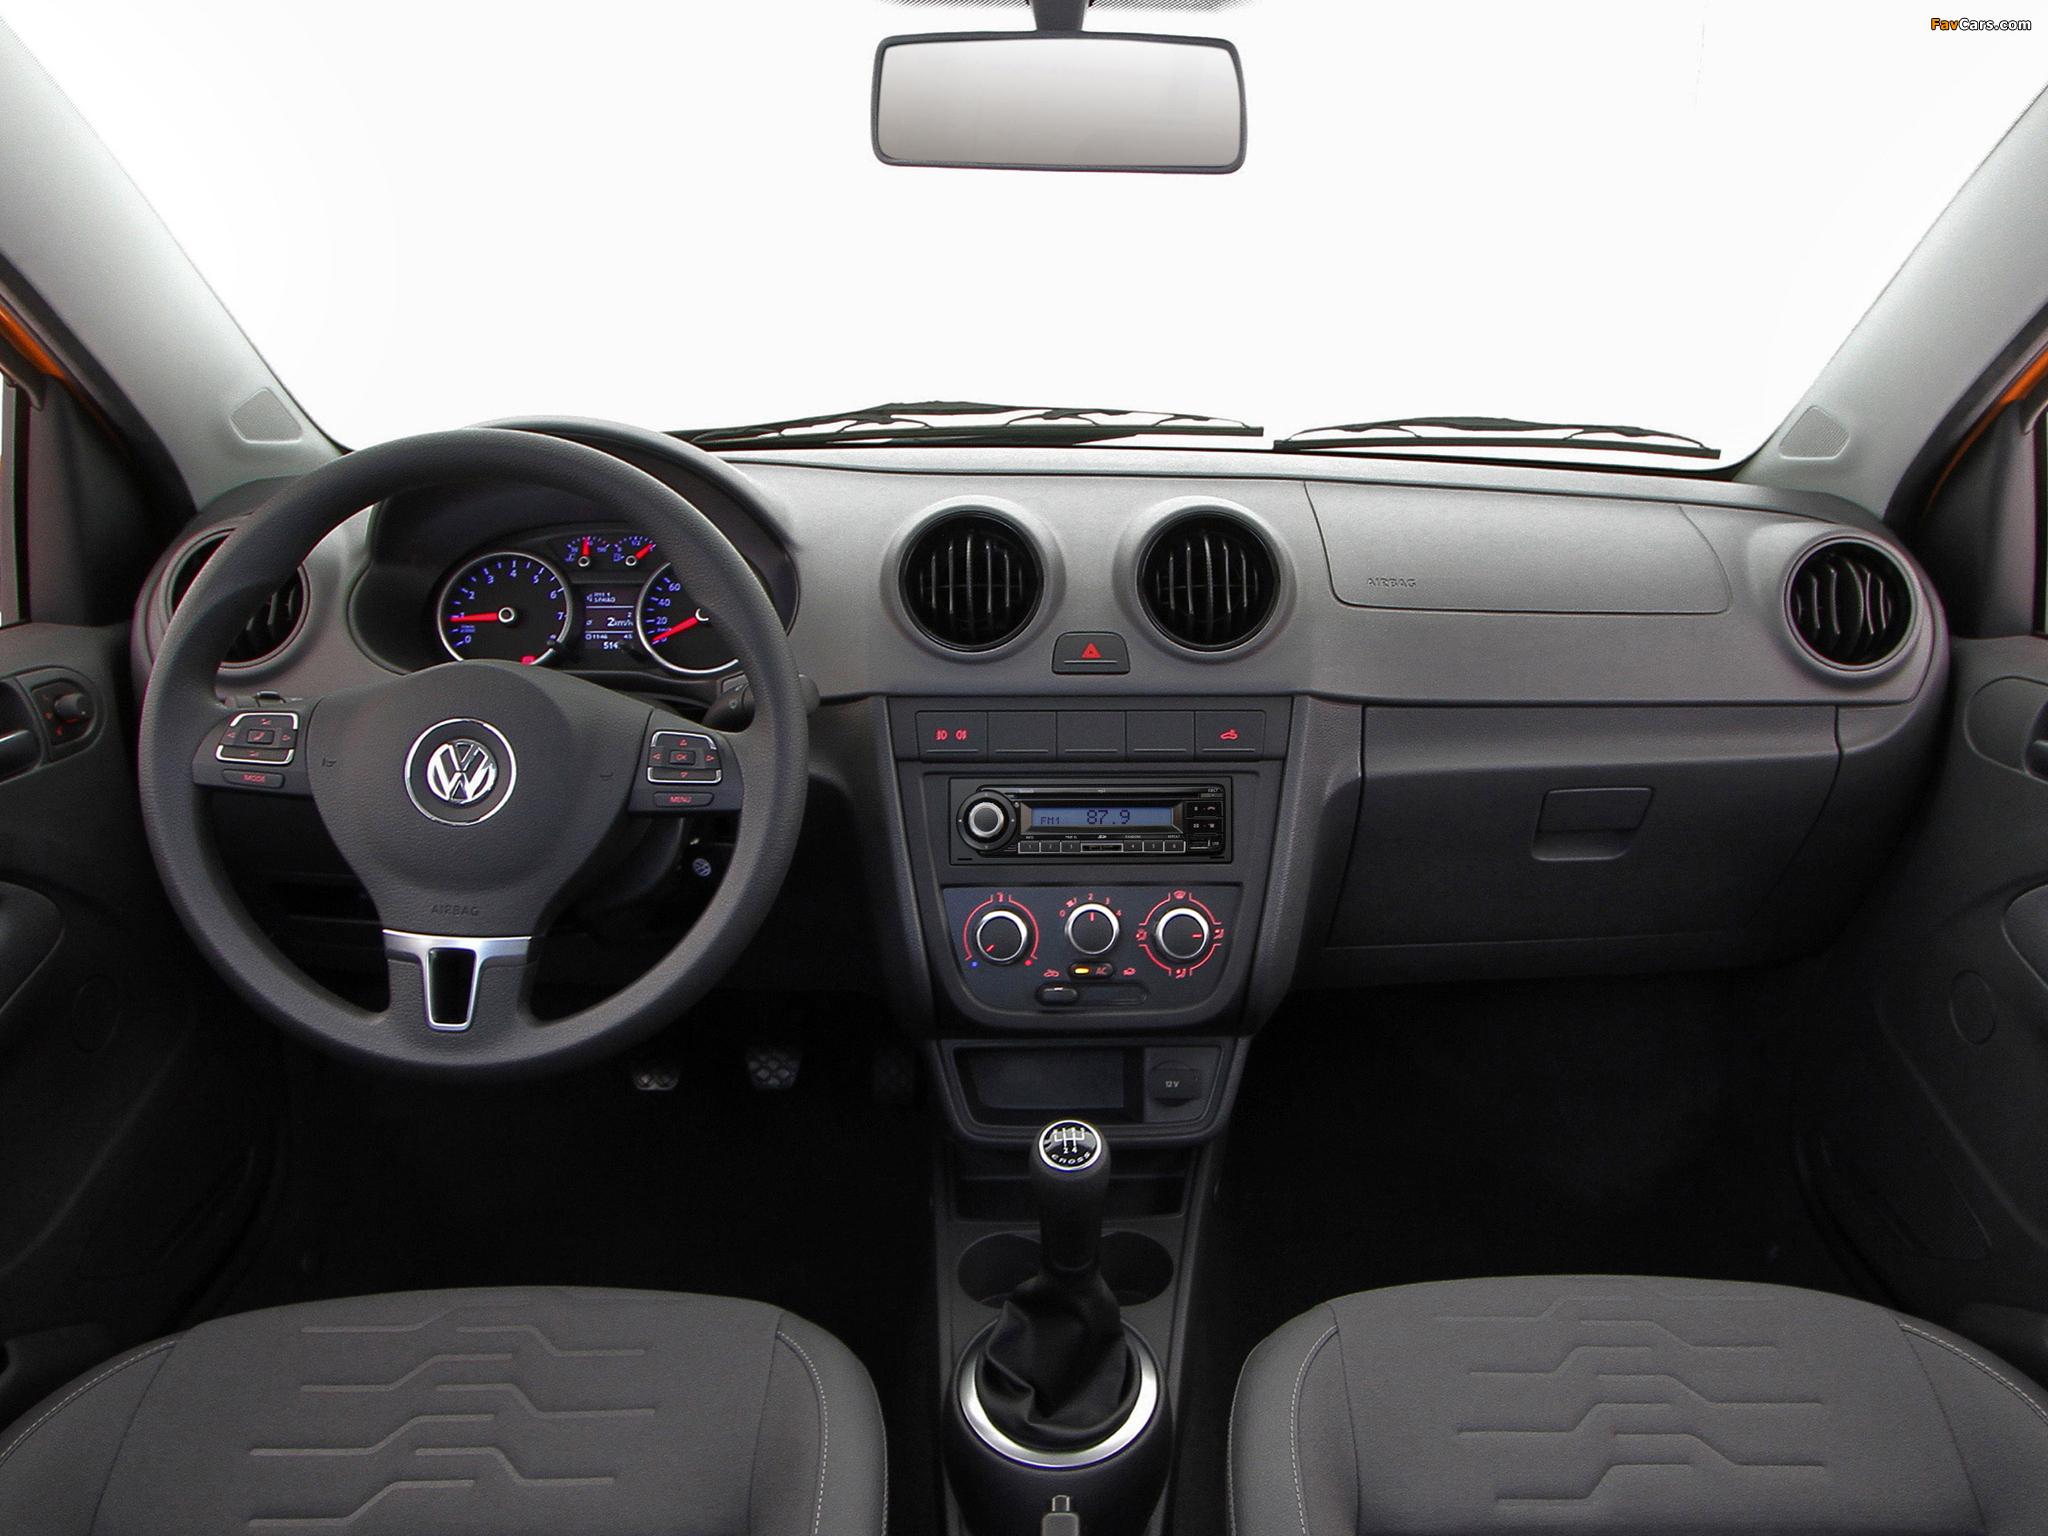 Volkswagen Saveiro Cross (V) 2010 pictures (2048 x 1536)